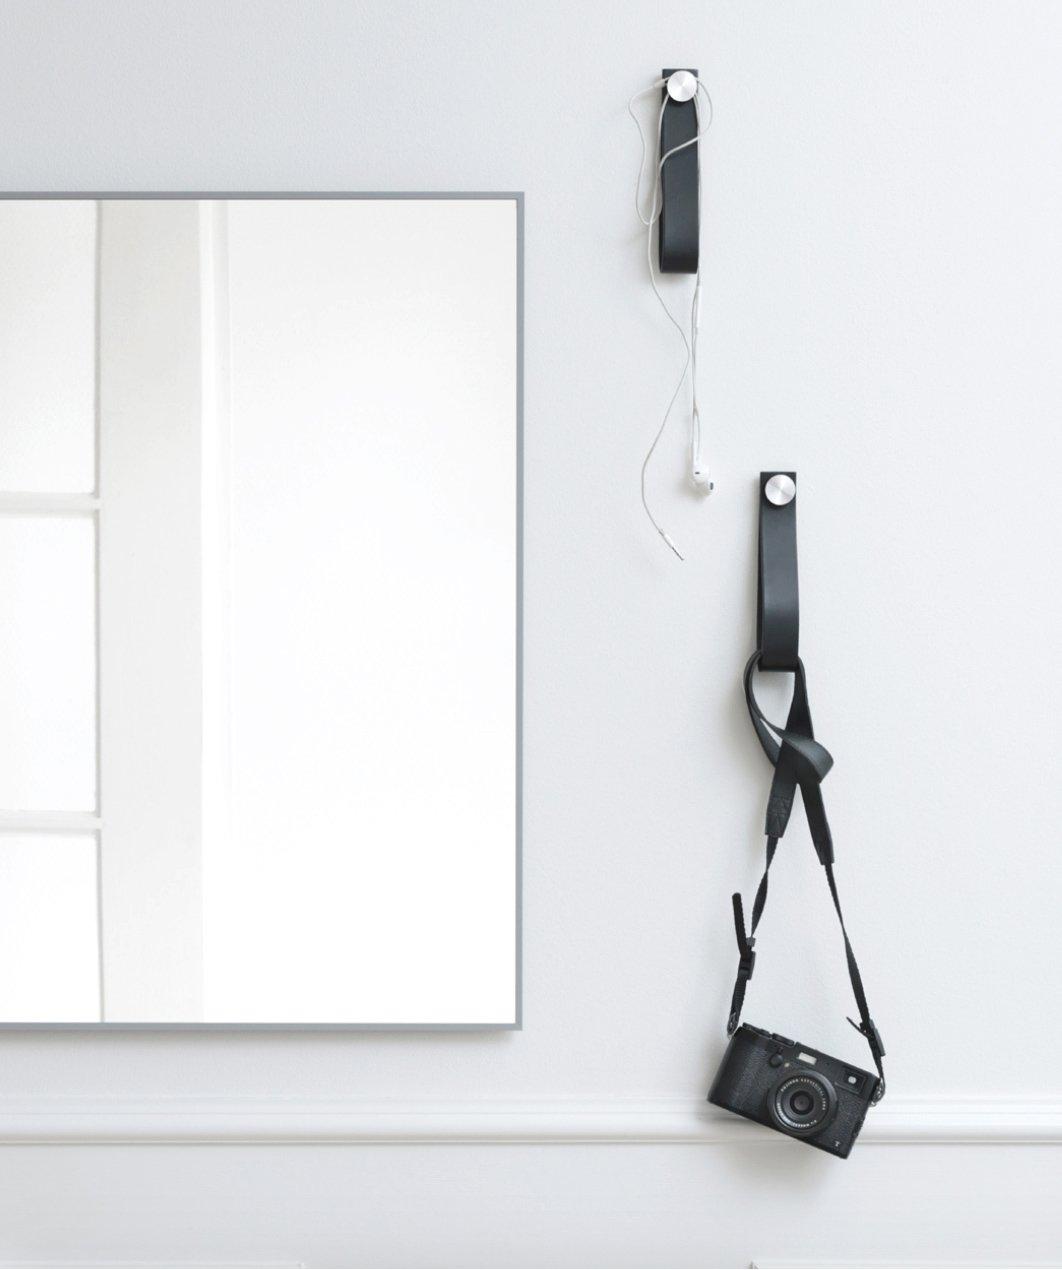 stropp_by_lassen_wall_hooks_danish_interior_camera